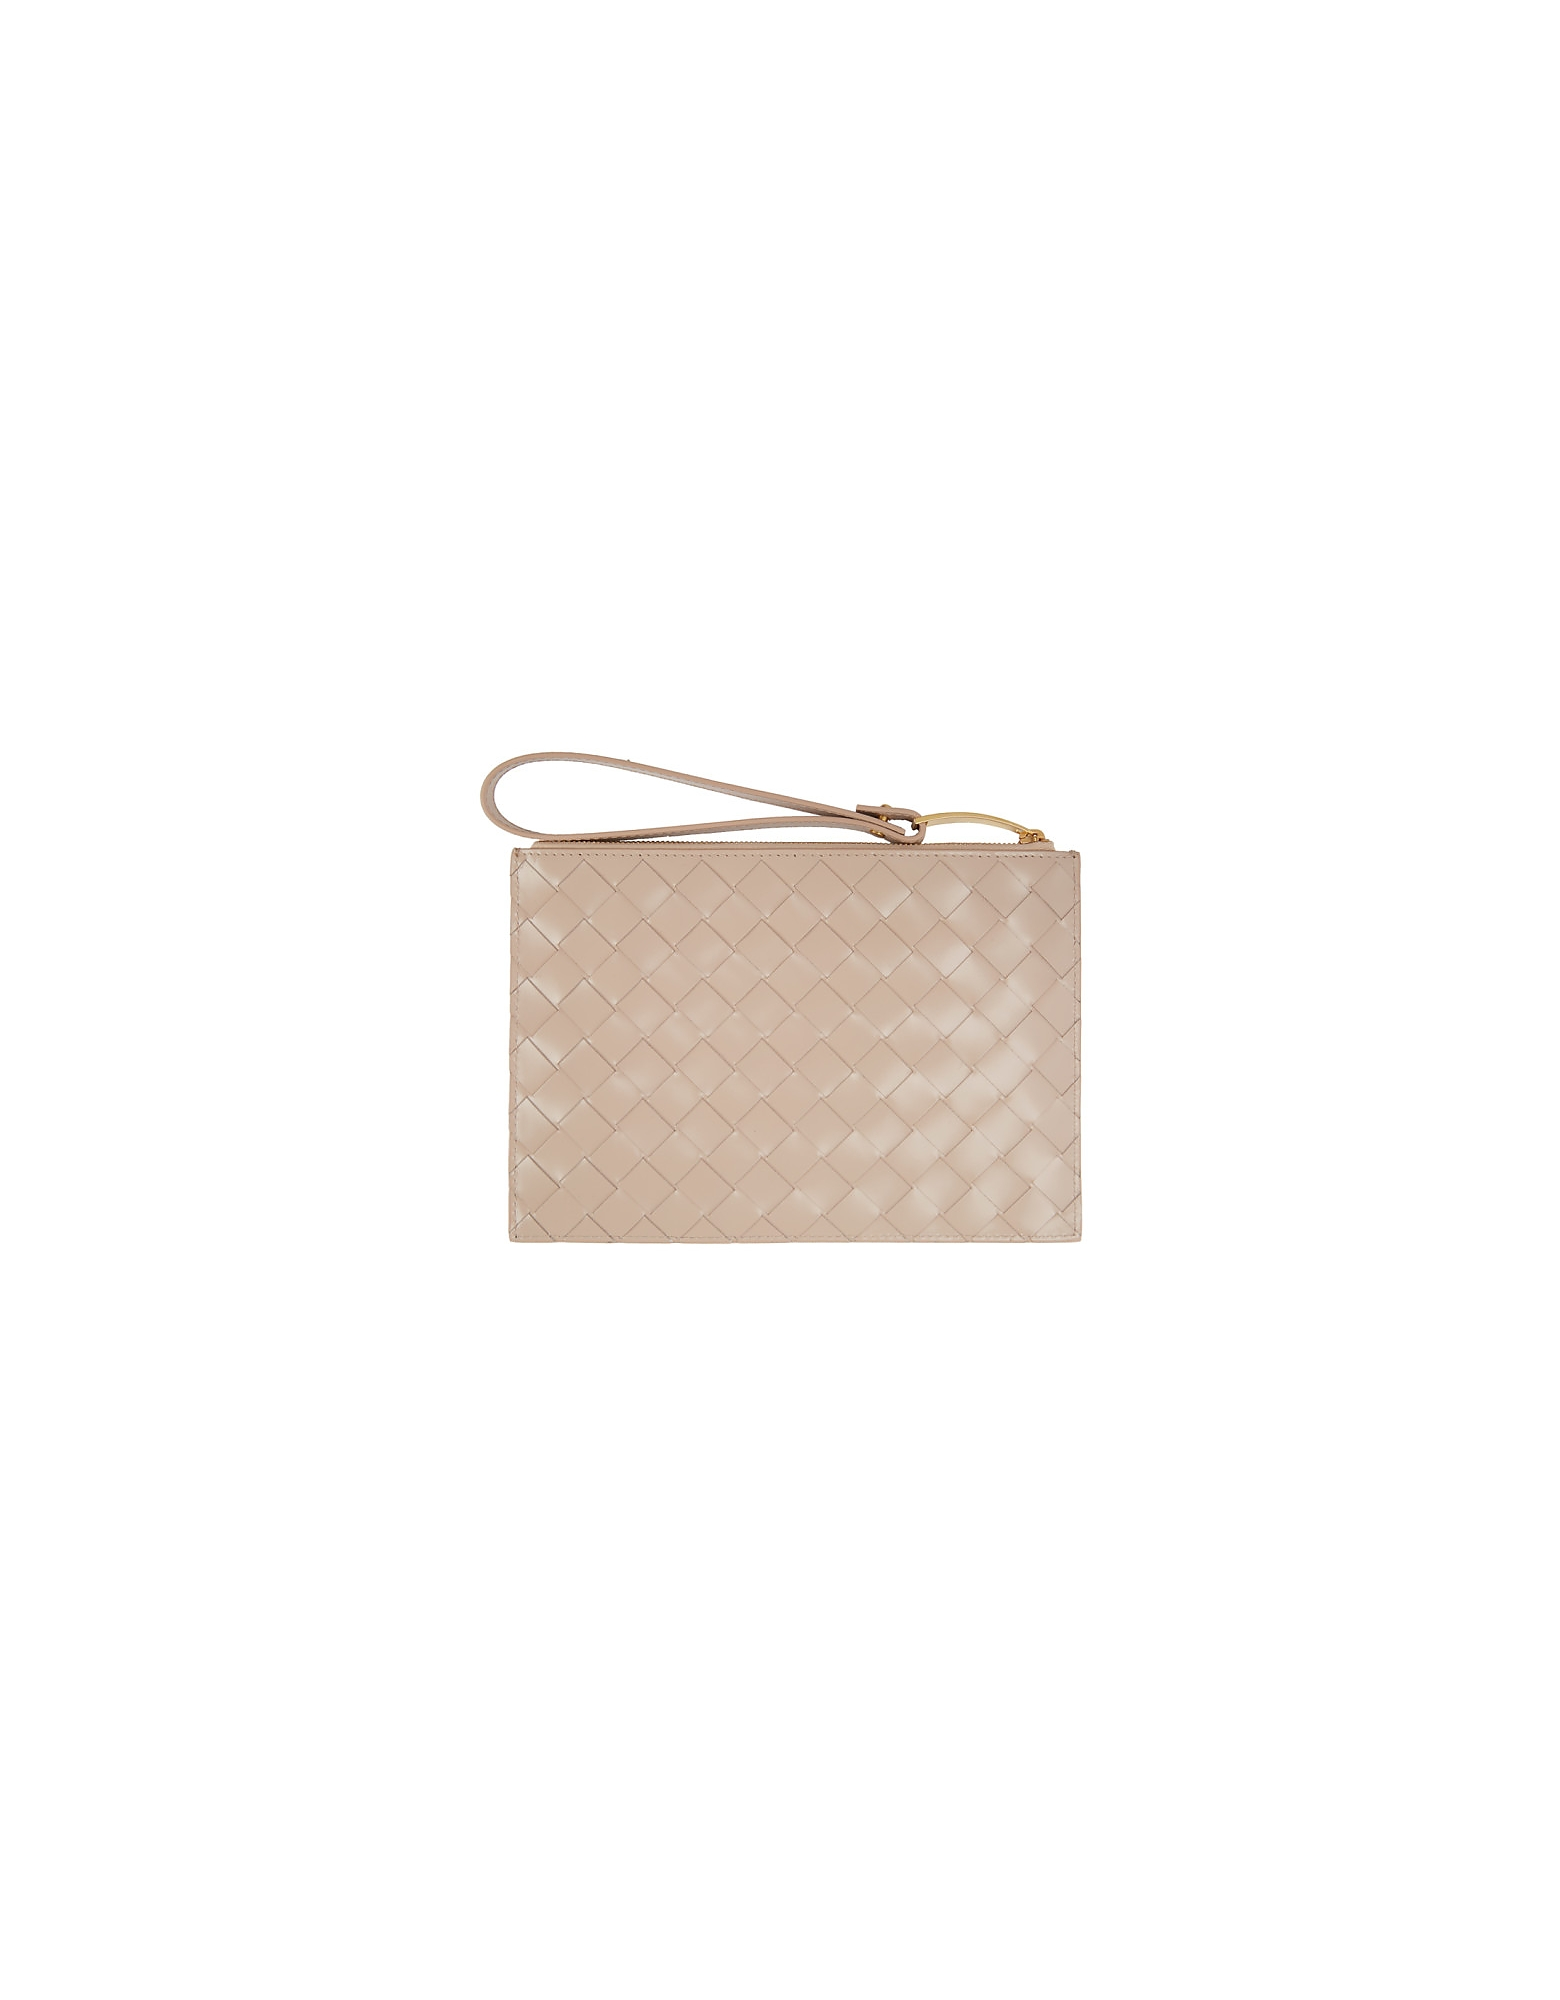 Bottega Veneta Designer Handbags, Beige Medium Maxi Intrecciato Pouch